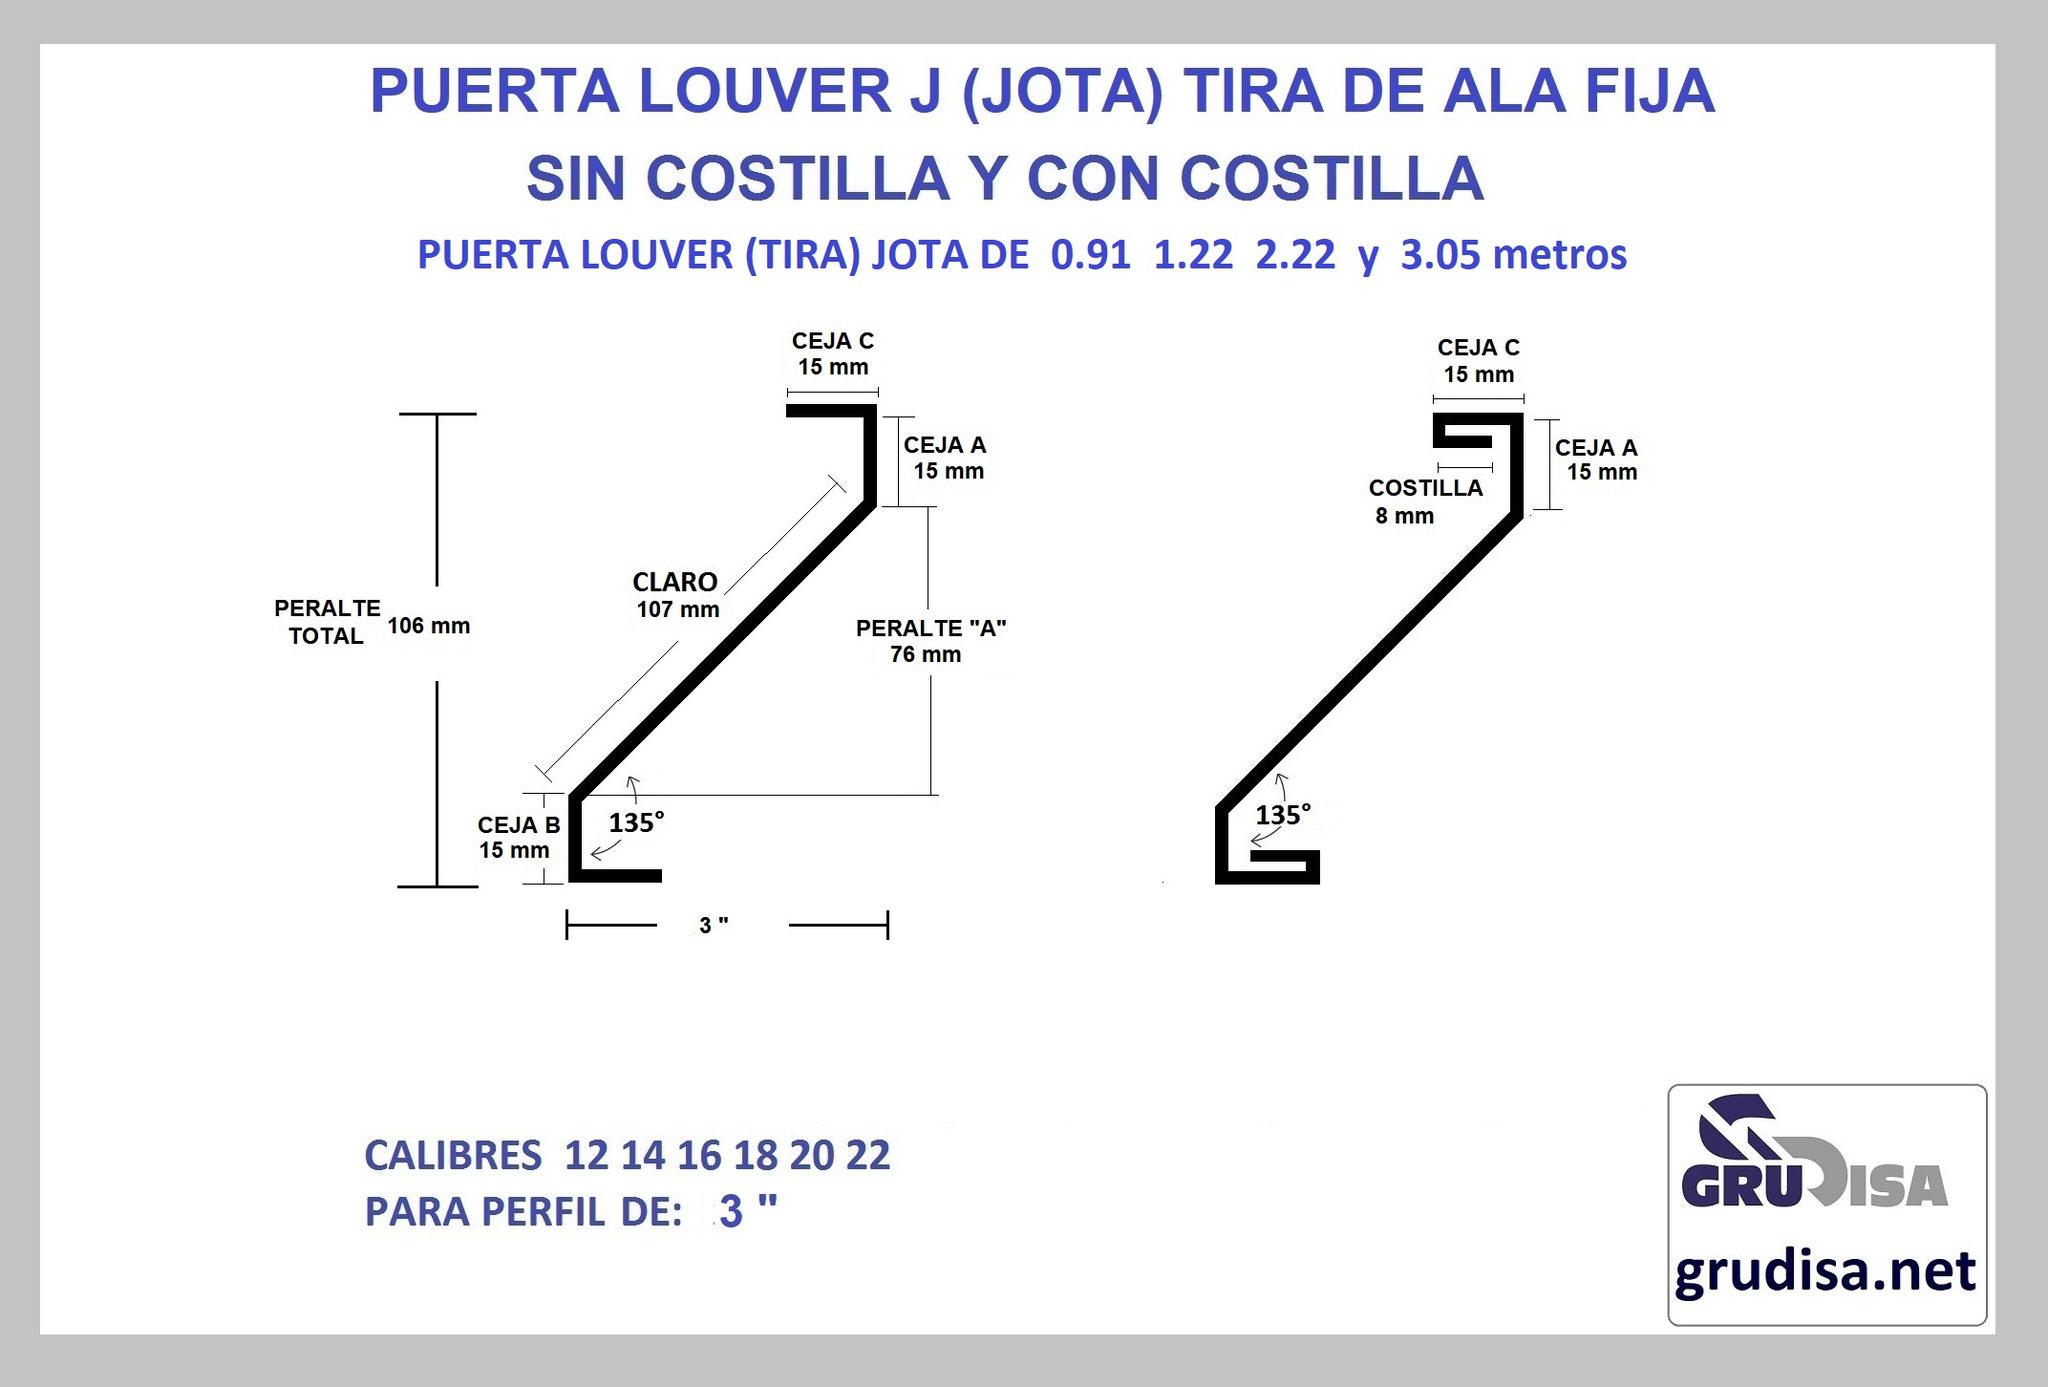 """PUERTA LOUVER (TIRA) J JOTA PARA PERFIL DE 3"""" CON Y SIN COSTILLA LARGOS DE 0.91  1.22  2.44  y 3.05m"""